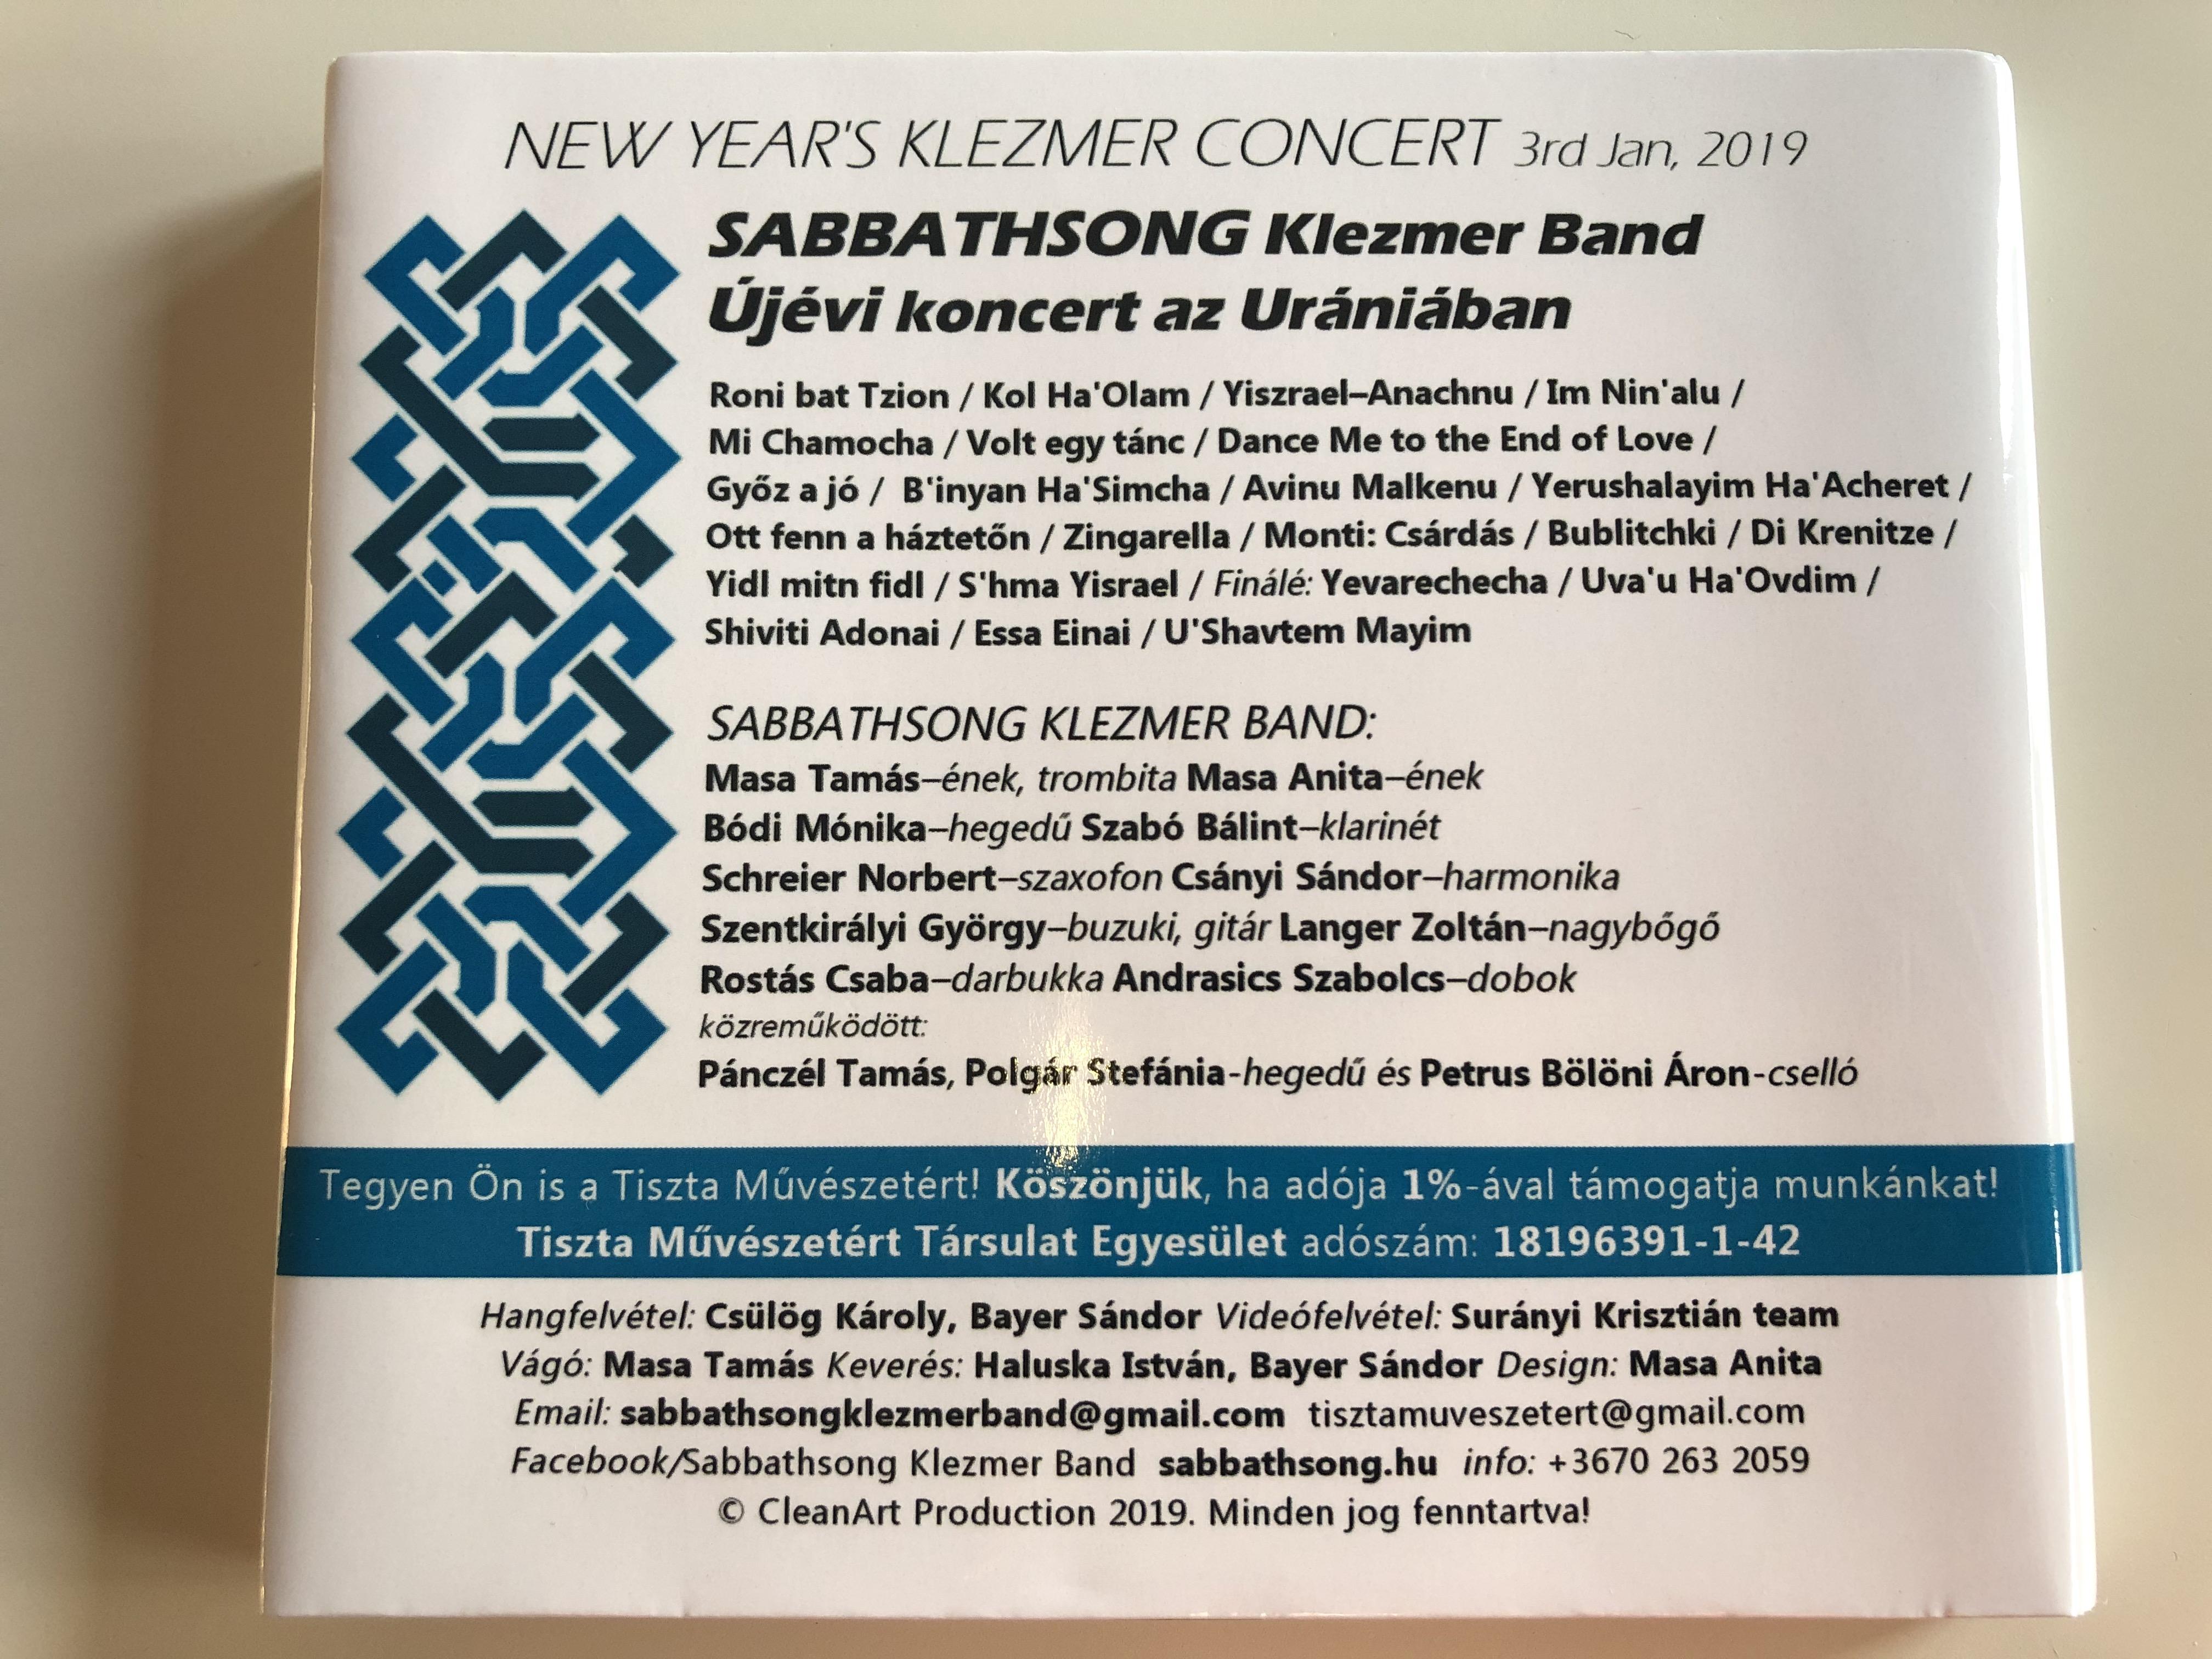 new-year-s-klezmer-concert-sabbathsong-klezmer-band-6.jpg